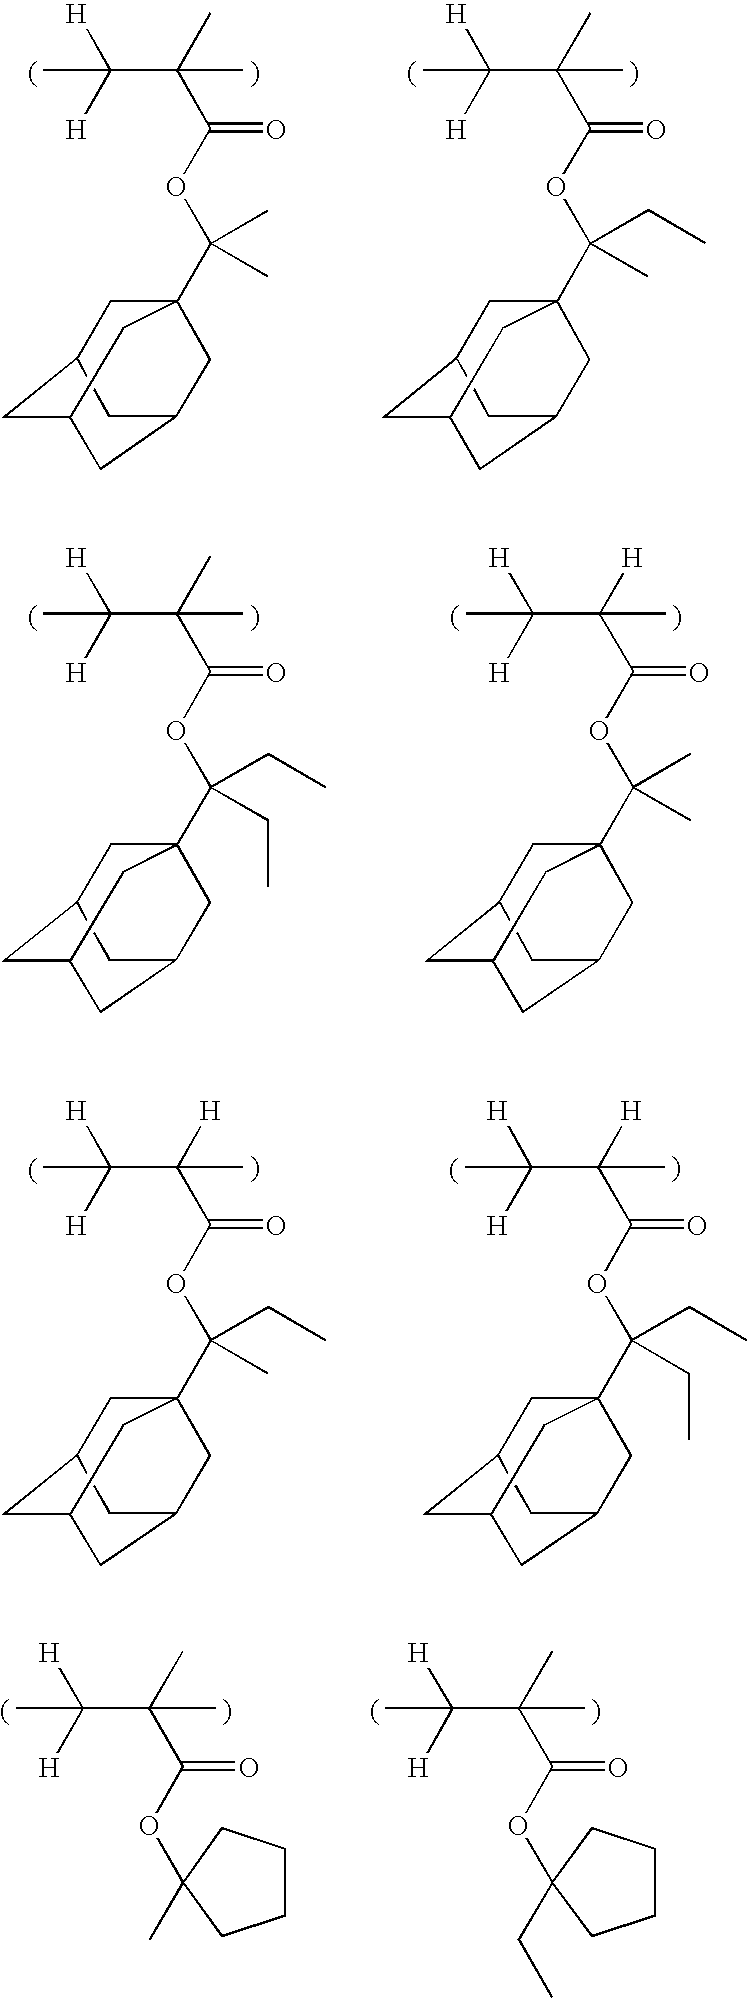 Figure US07687222-20100330-C00055